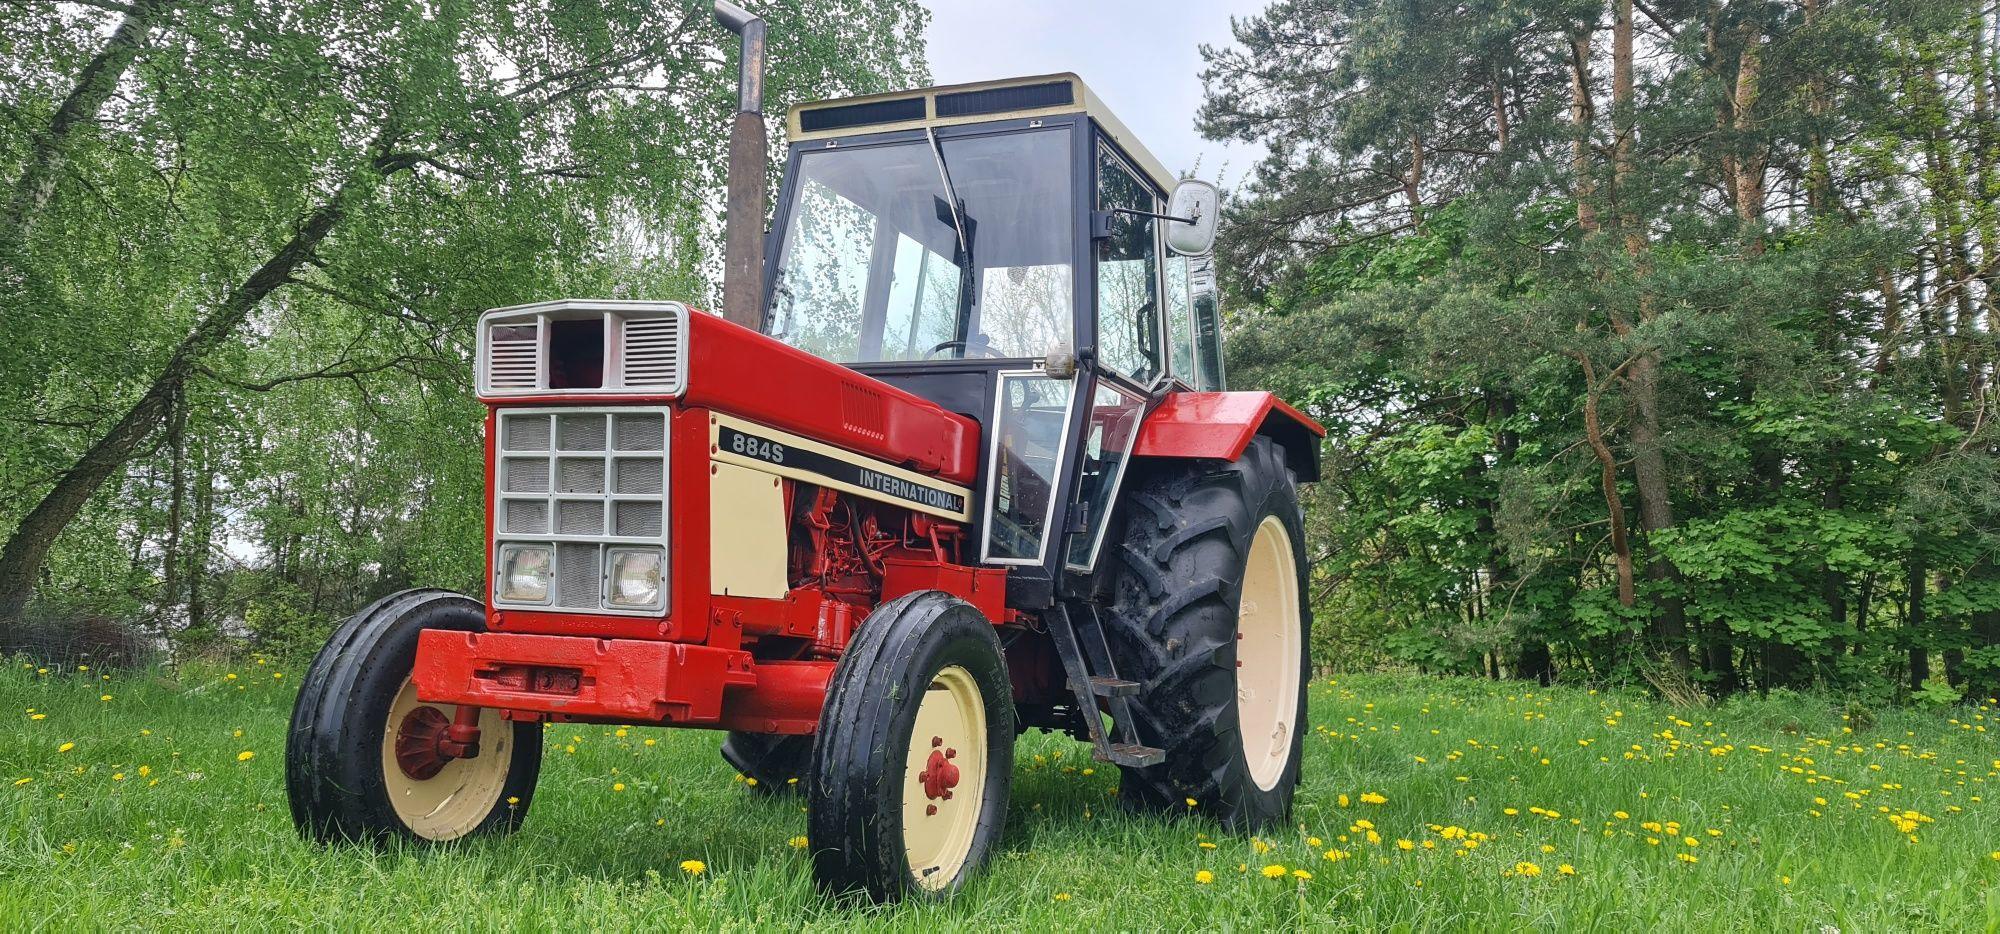 Traktor ciągnik sprzedam zamienię International 844 S wspomaganie